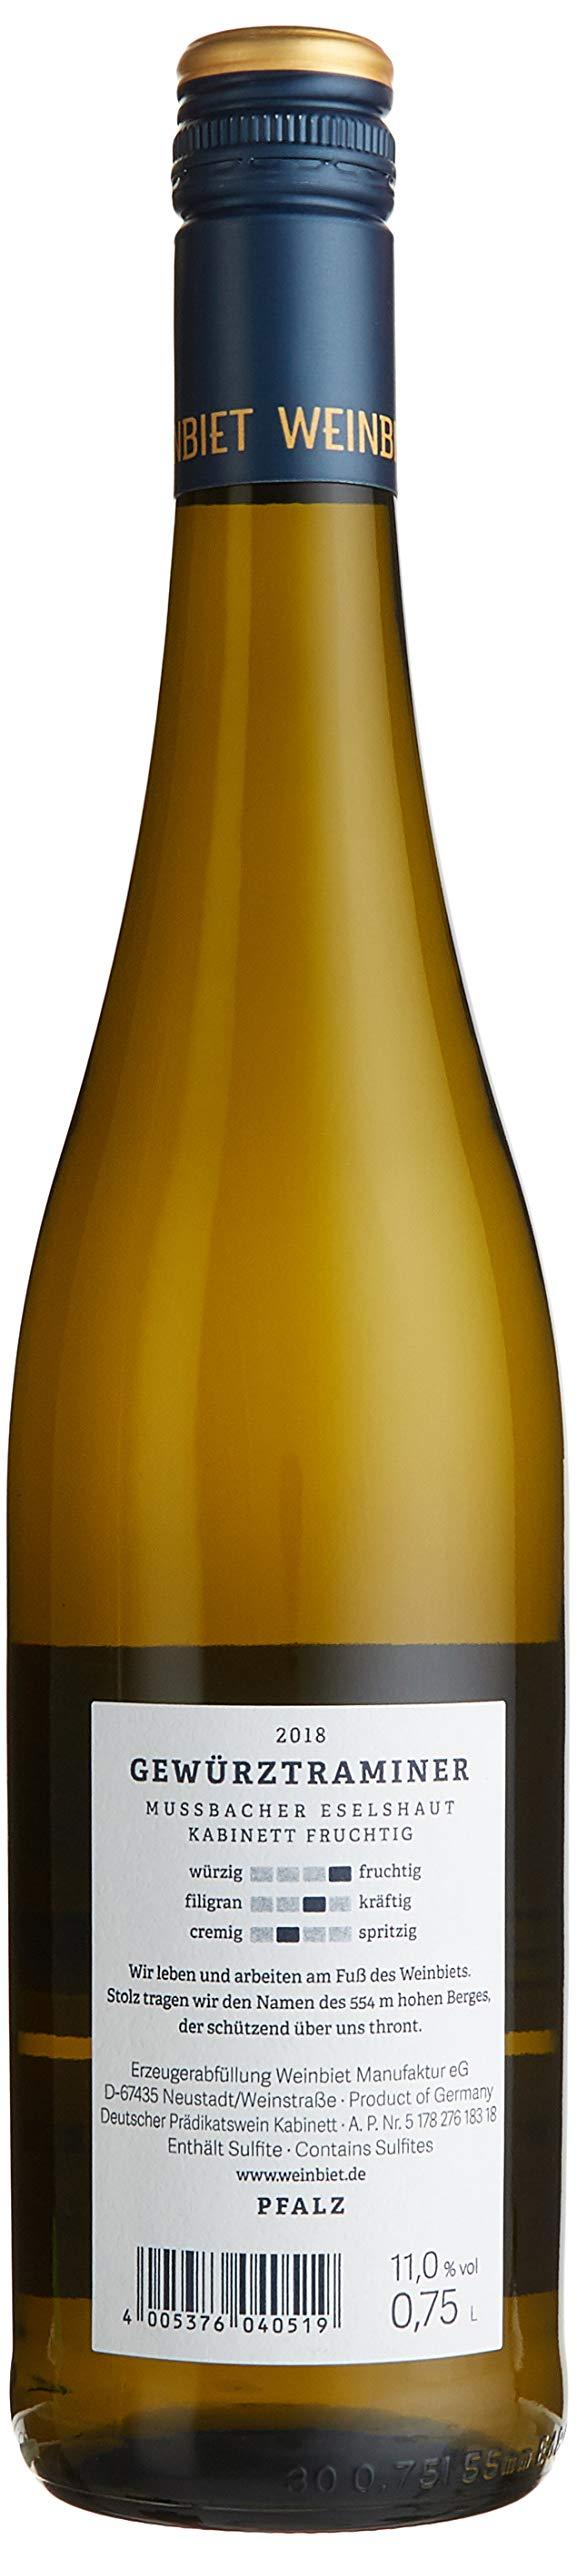 Weinbiet-Manufaktur-eG-Mubacher-Eselshaut-Gewrztraminer-2018-Lieblich-Weiwein-6-x-075-l